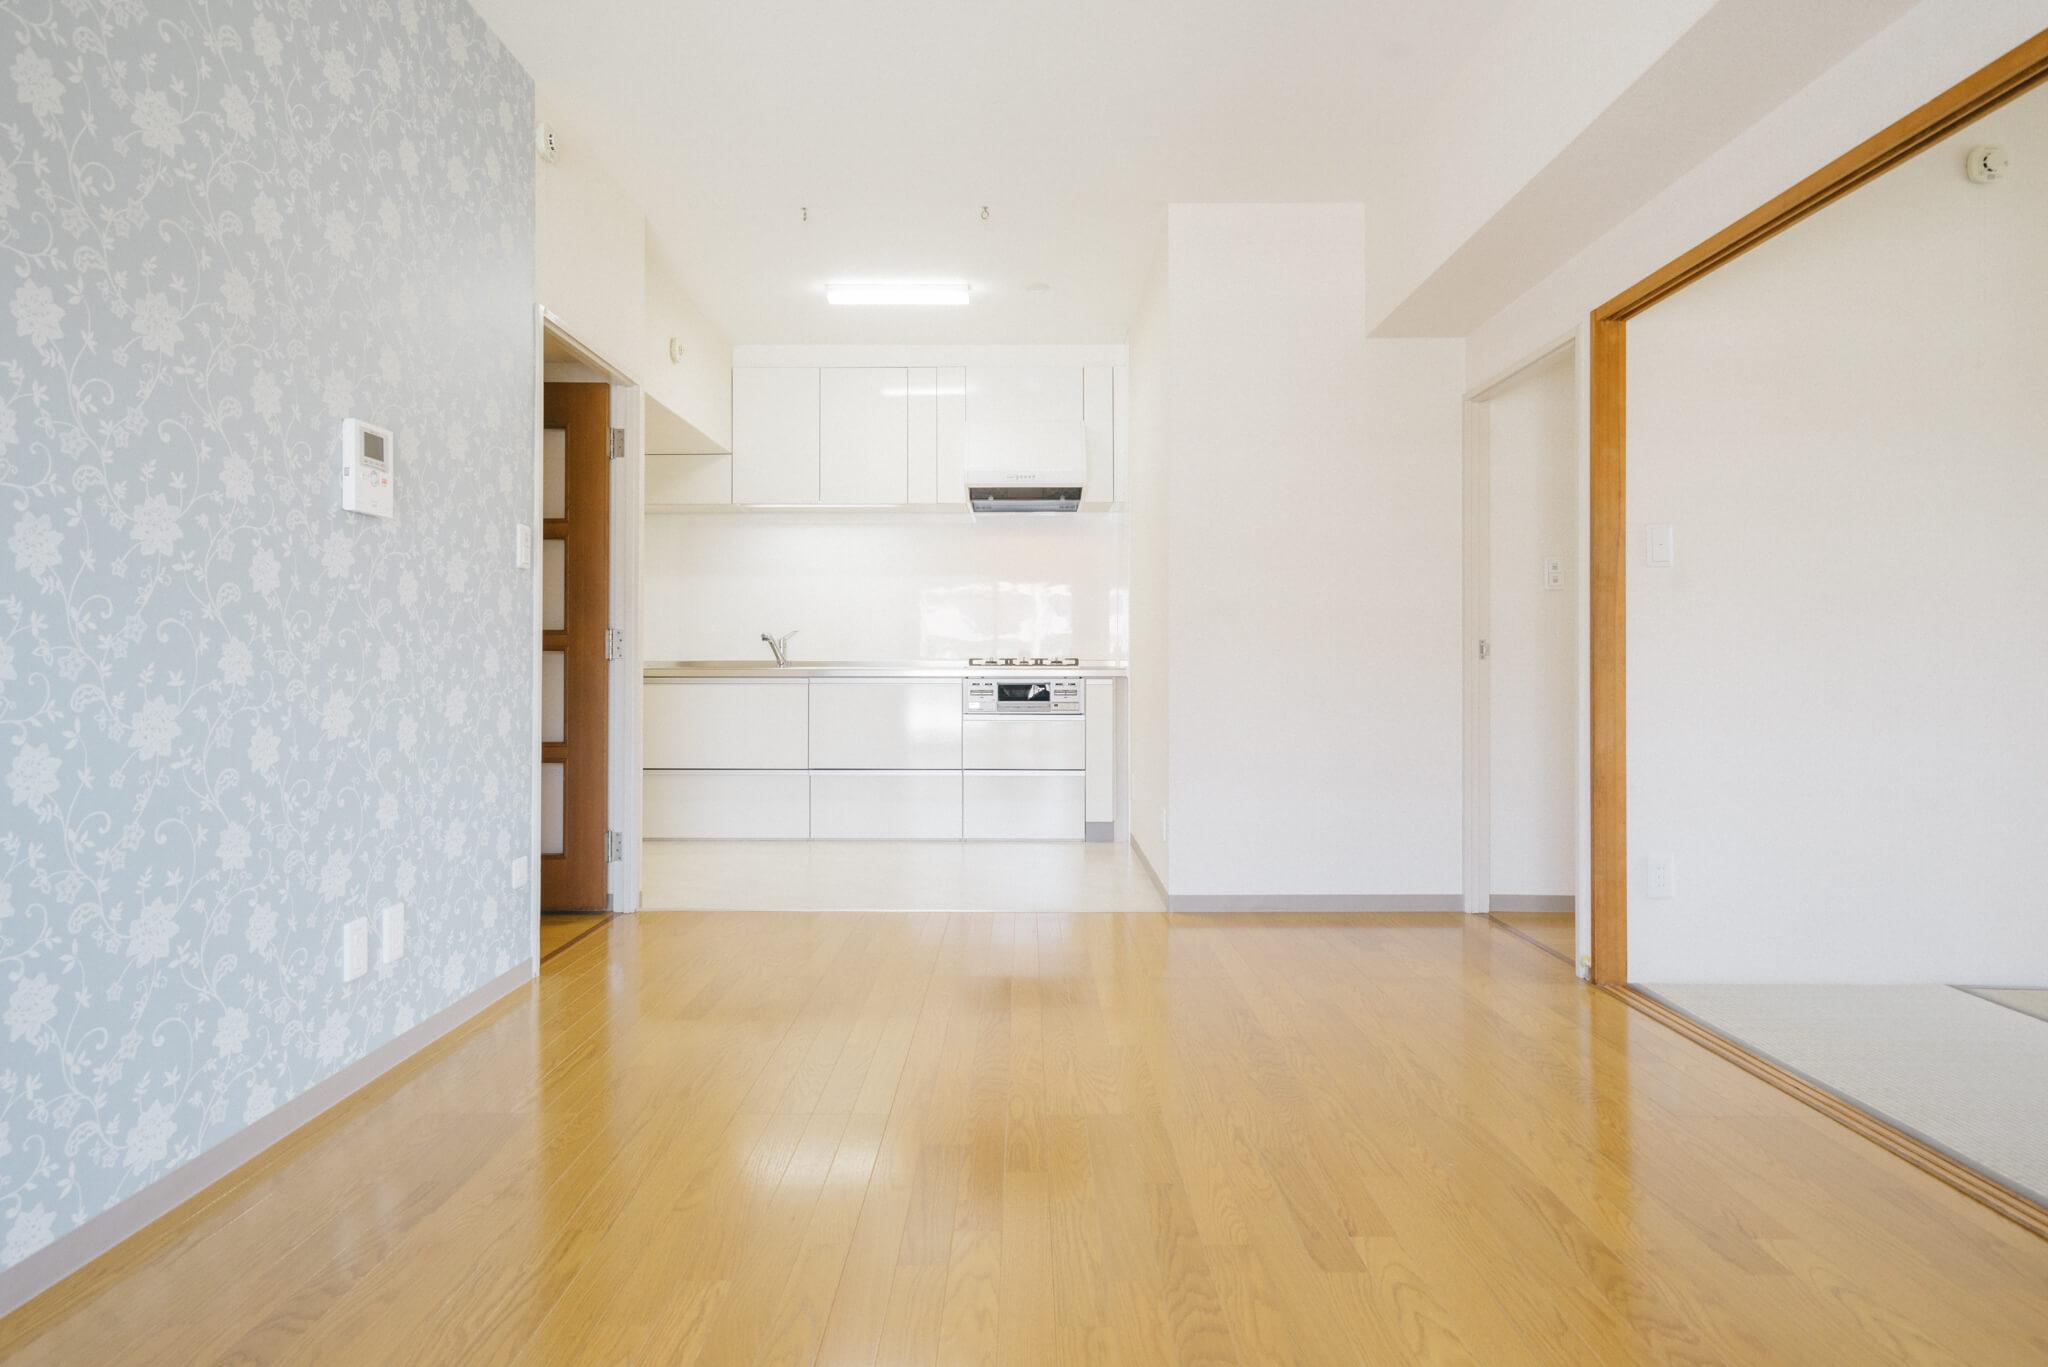 キッチンを含め、11.5畳のLDK。和室との間は引き戸で、開けはなっておくことも出来るので、開放感を感じます。リフォームで張り替えられたアクセント壁紙がカワイイですね。